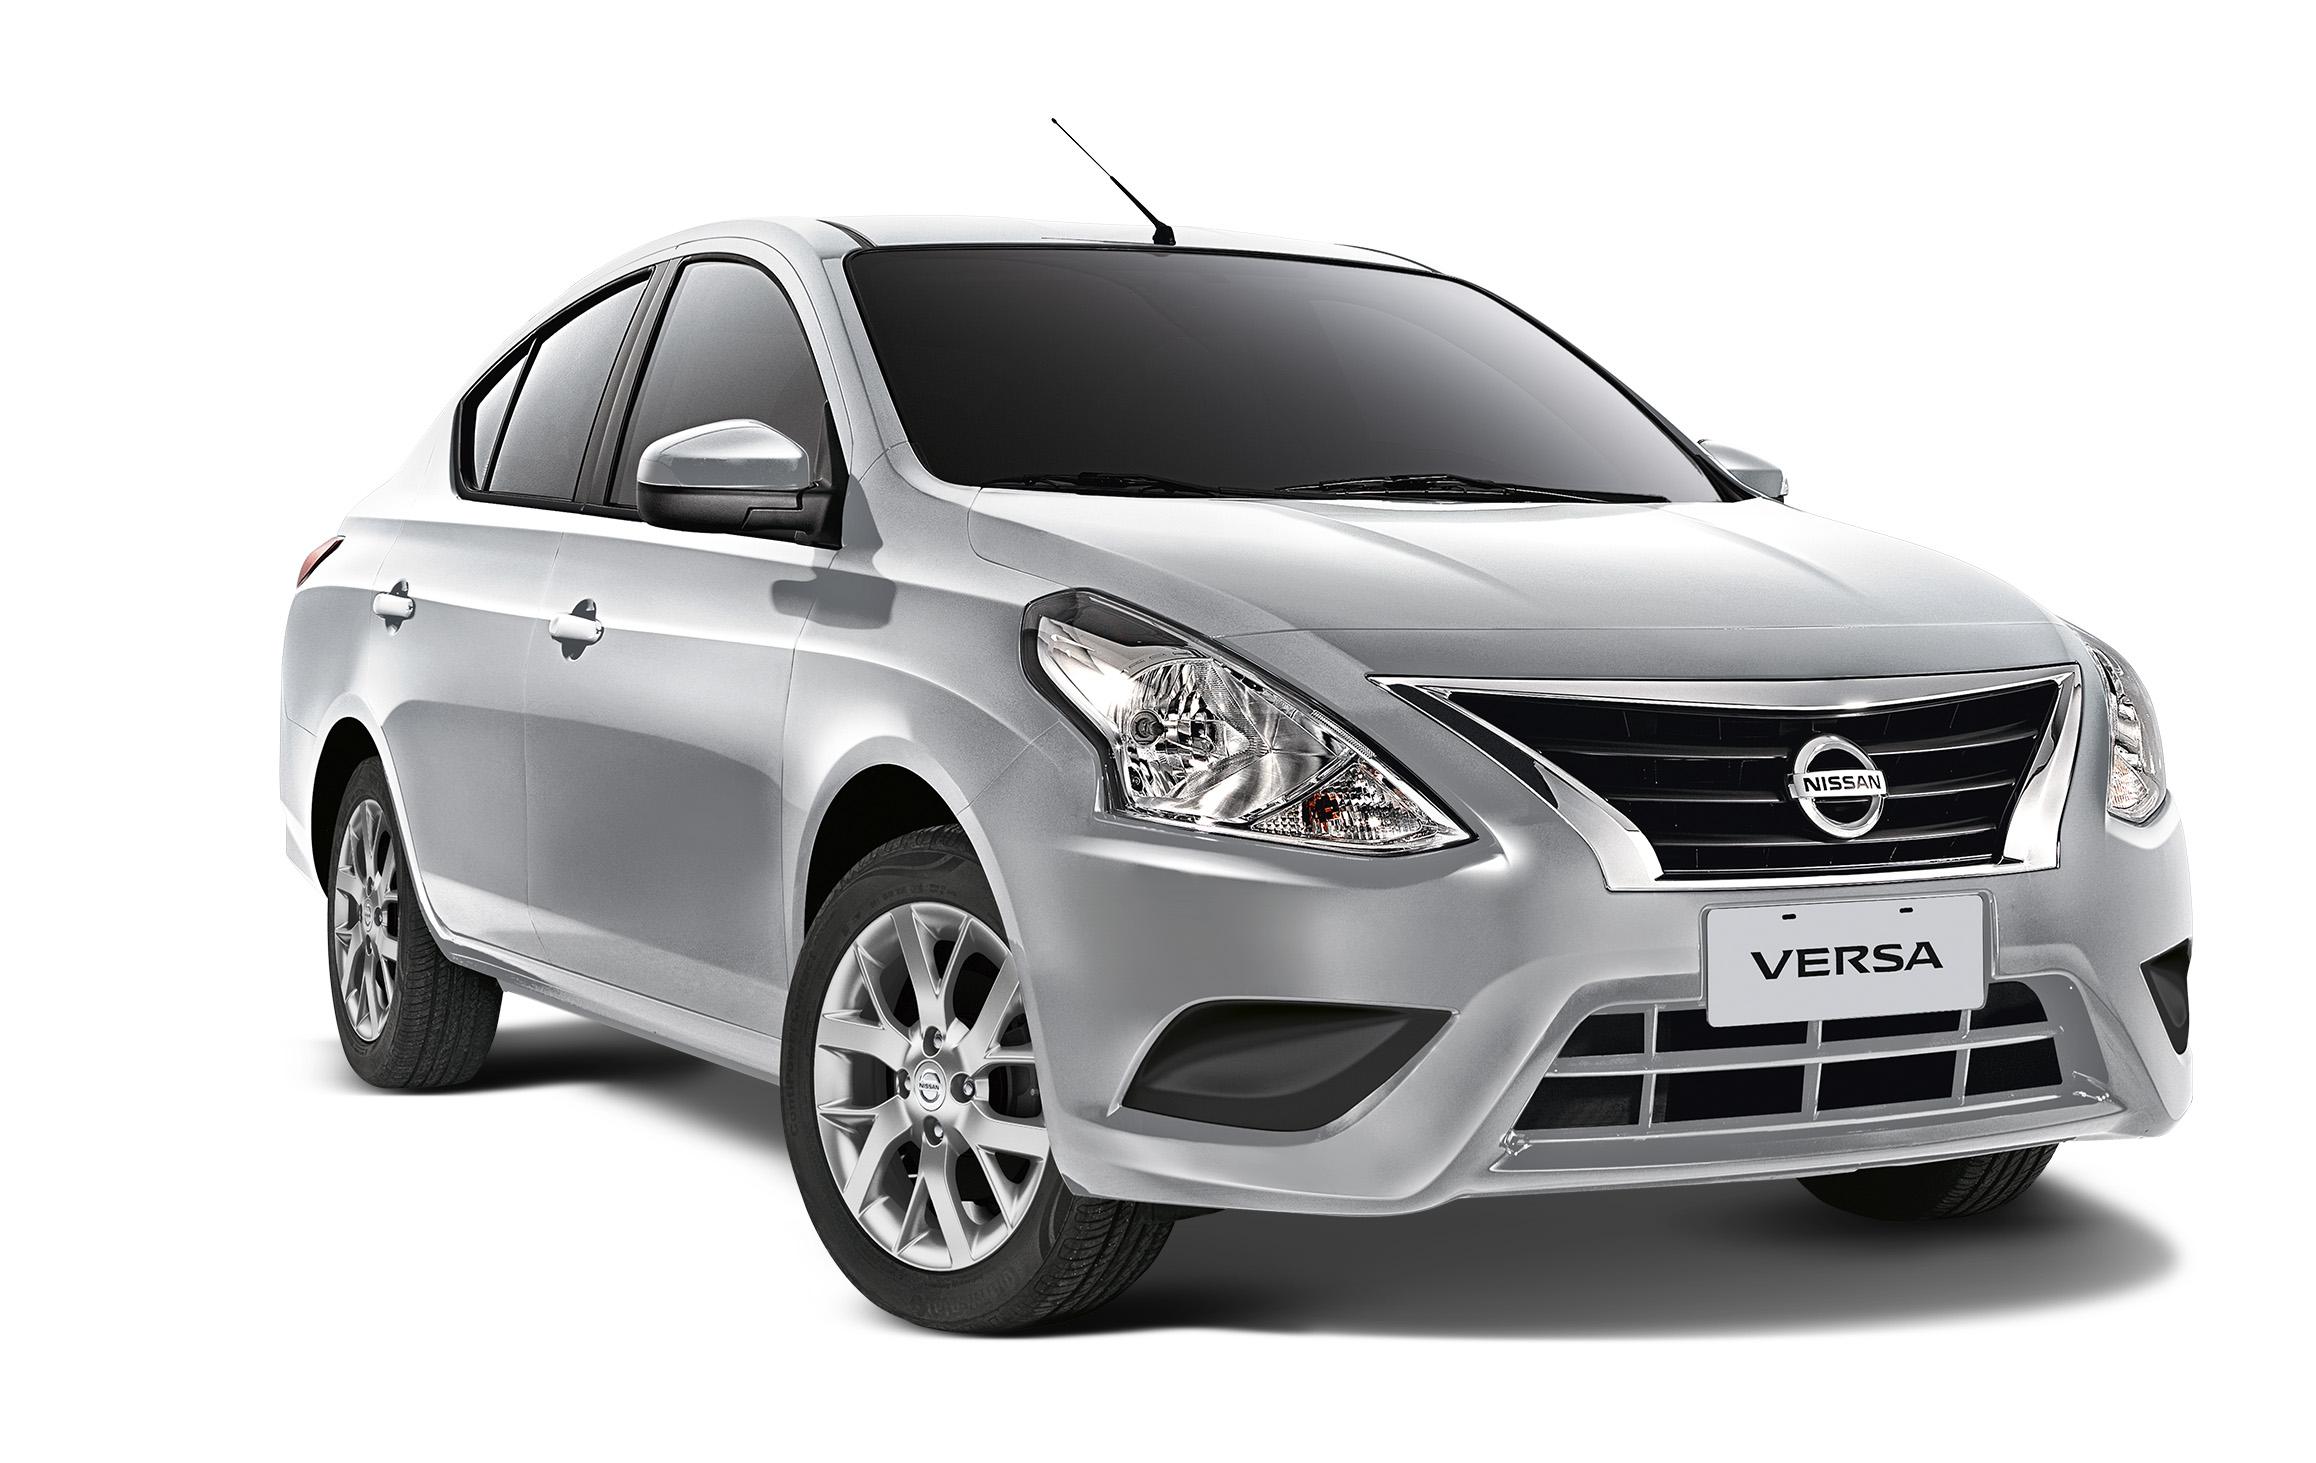 Quatro modelos vendidos no Brasil estão entre os carros mais inseguros dos EUA: Honda Fit, Nissan Versa, Kia Cerato e Kia Soul.